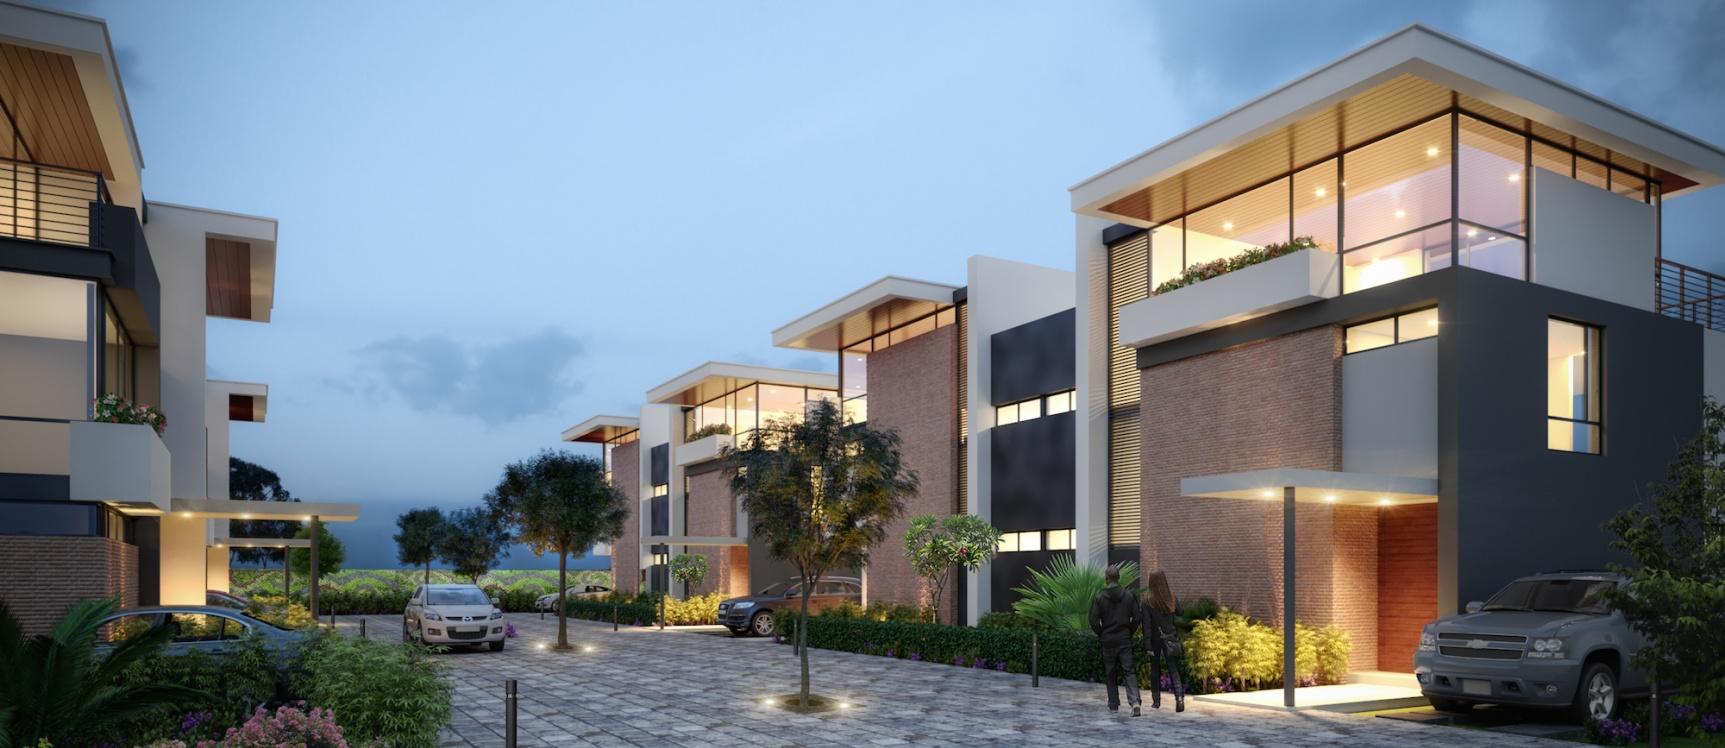 GeoBienes - San Esteban Townhouse 8 - Plusvalia Guayaquil Casas de venta y alquiler Inmobiliaria Ecuador